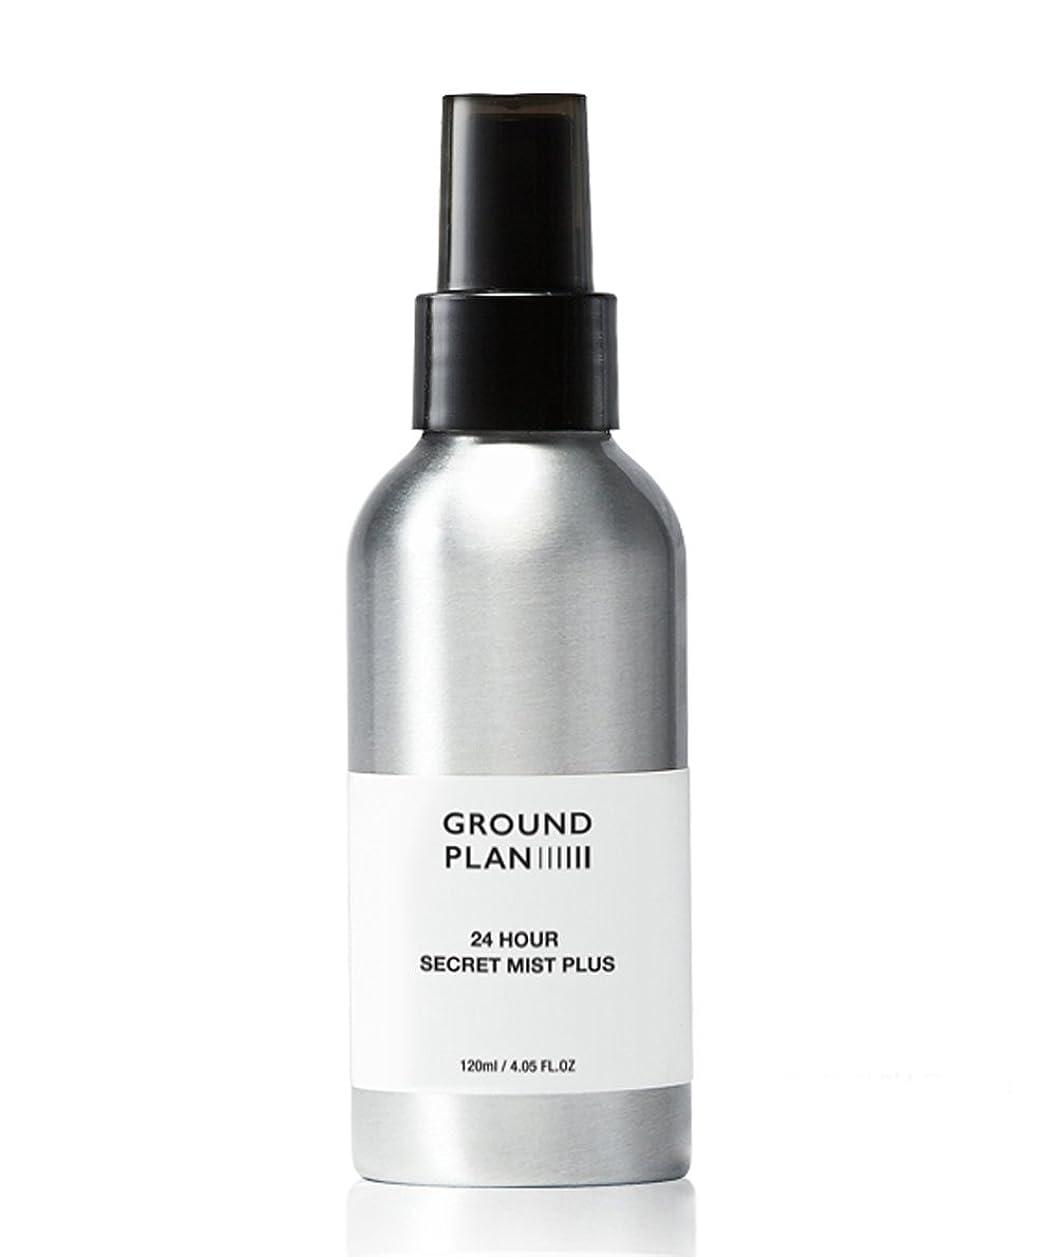 スポンサーアメリカ比喩[グラウンド?プラン] 24Hour 秘密 スキンミスト Plus Ground plan 24 Hour Secret Skin Mist Plus [海外直送品] (120ml)